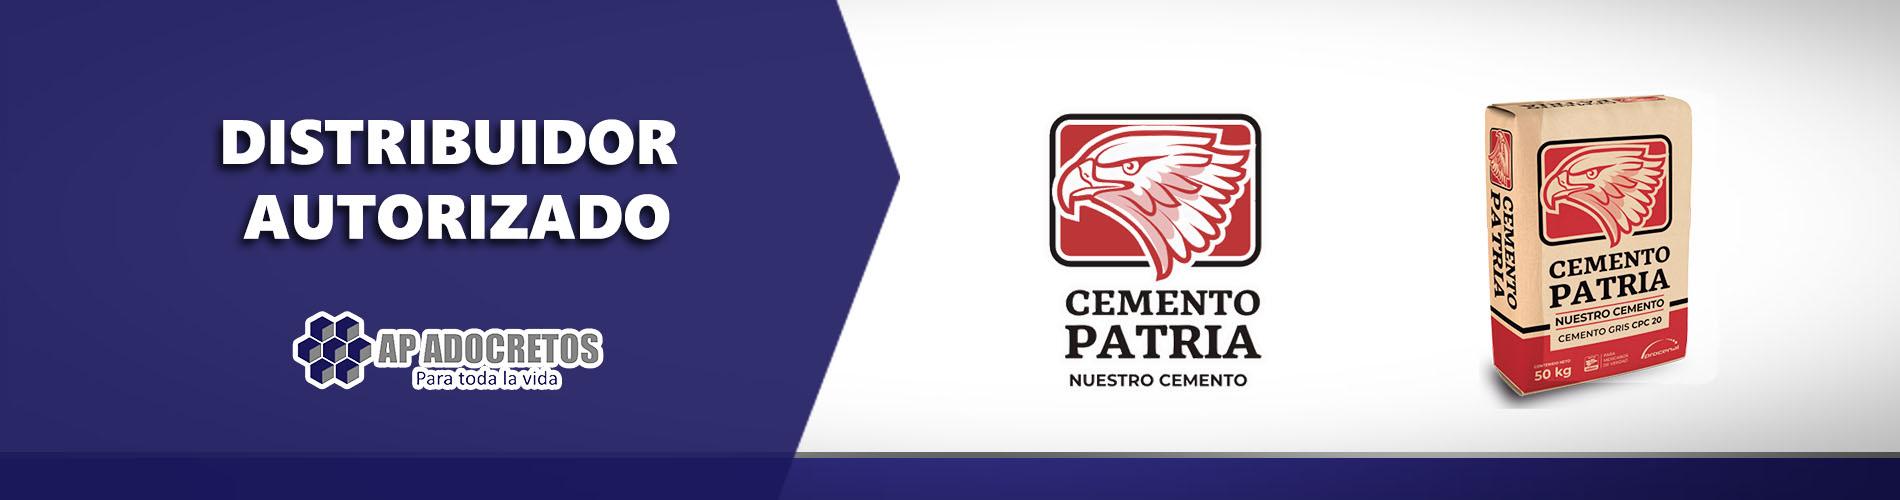 Banners_WEB_patria_cemento_1